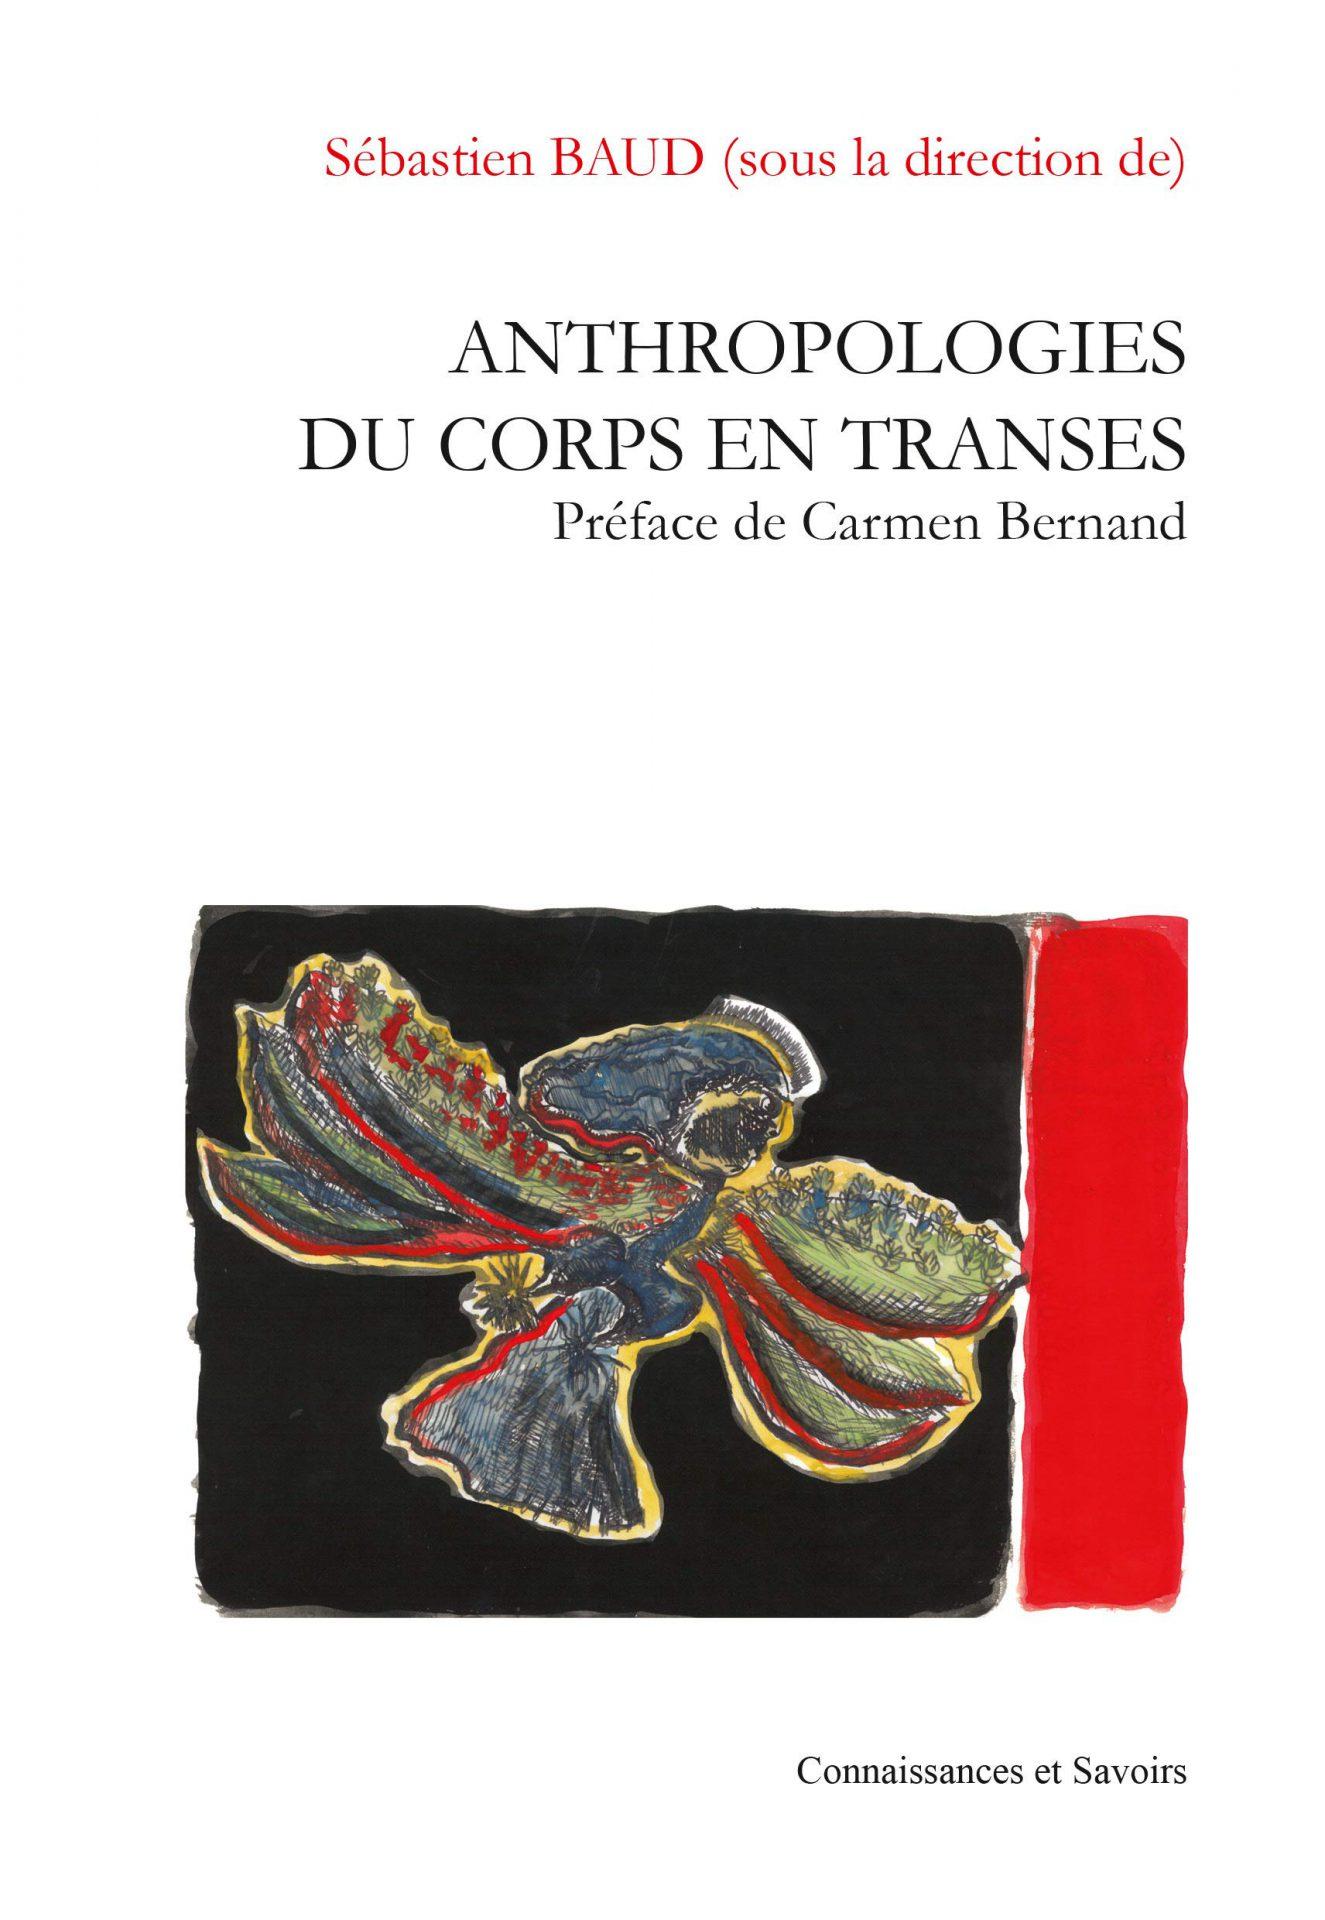 Sebastien-Baud-Anthropologie-du-corps-en-transes-Ed- Connaissances-et-Savoirs-2016